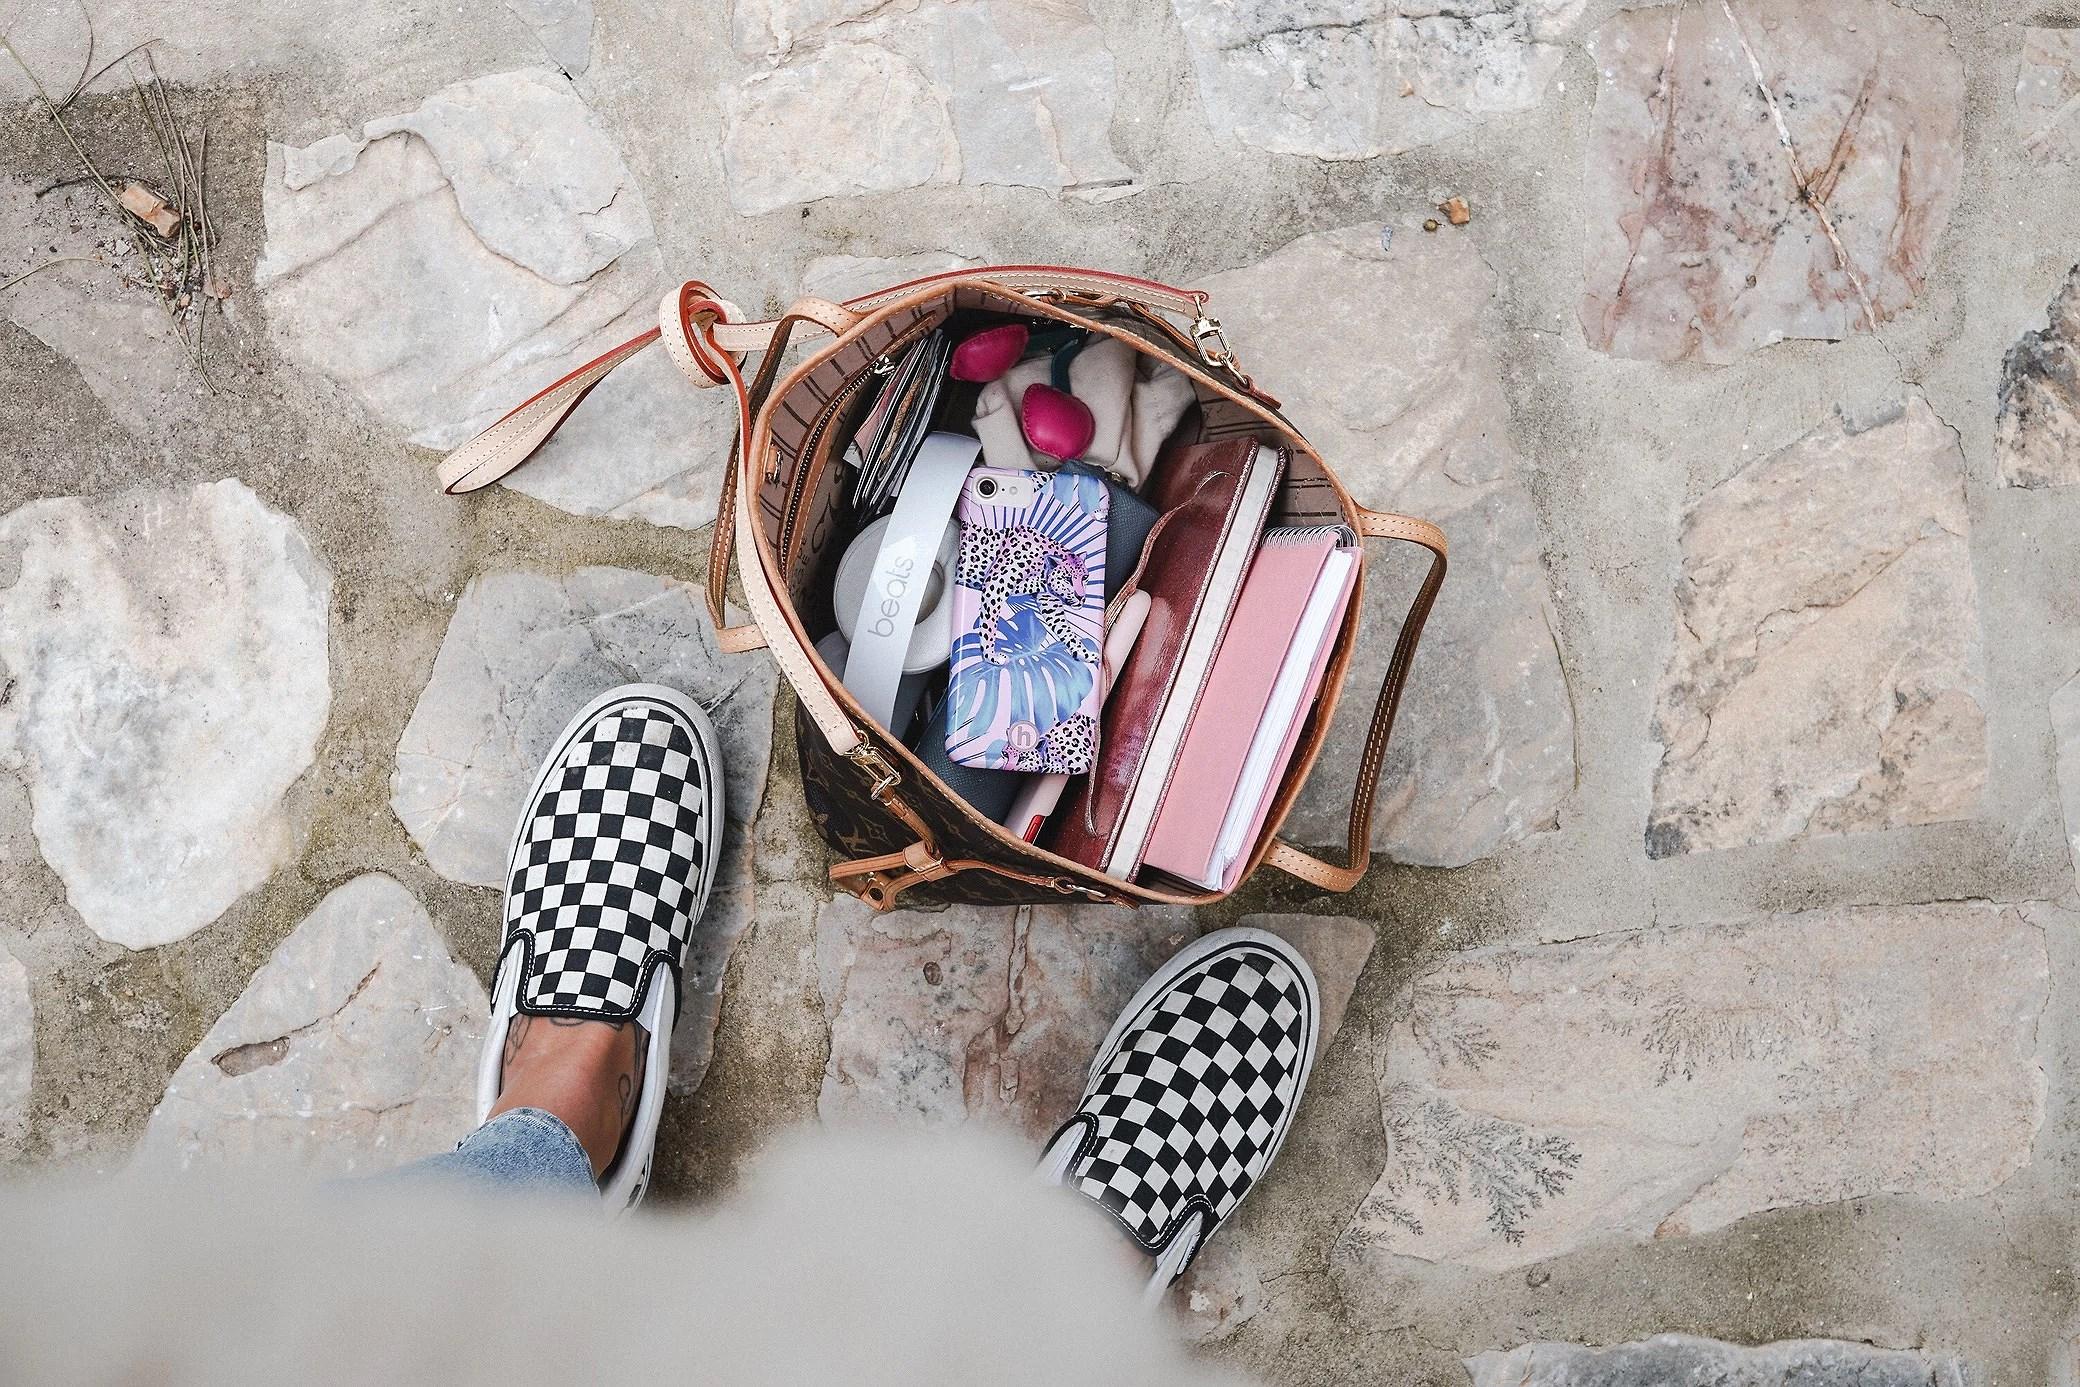 Saturday in my bag